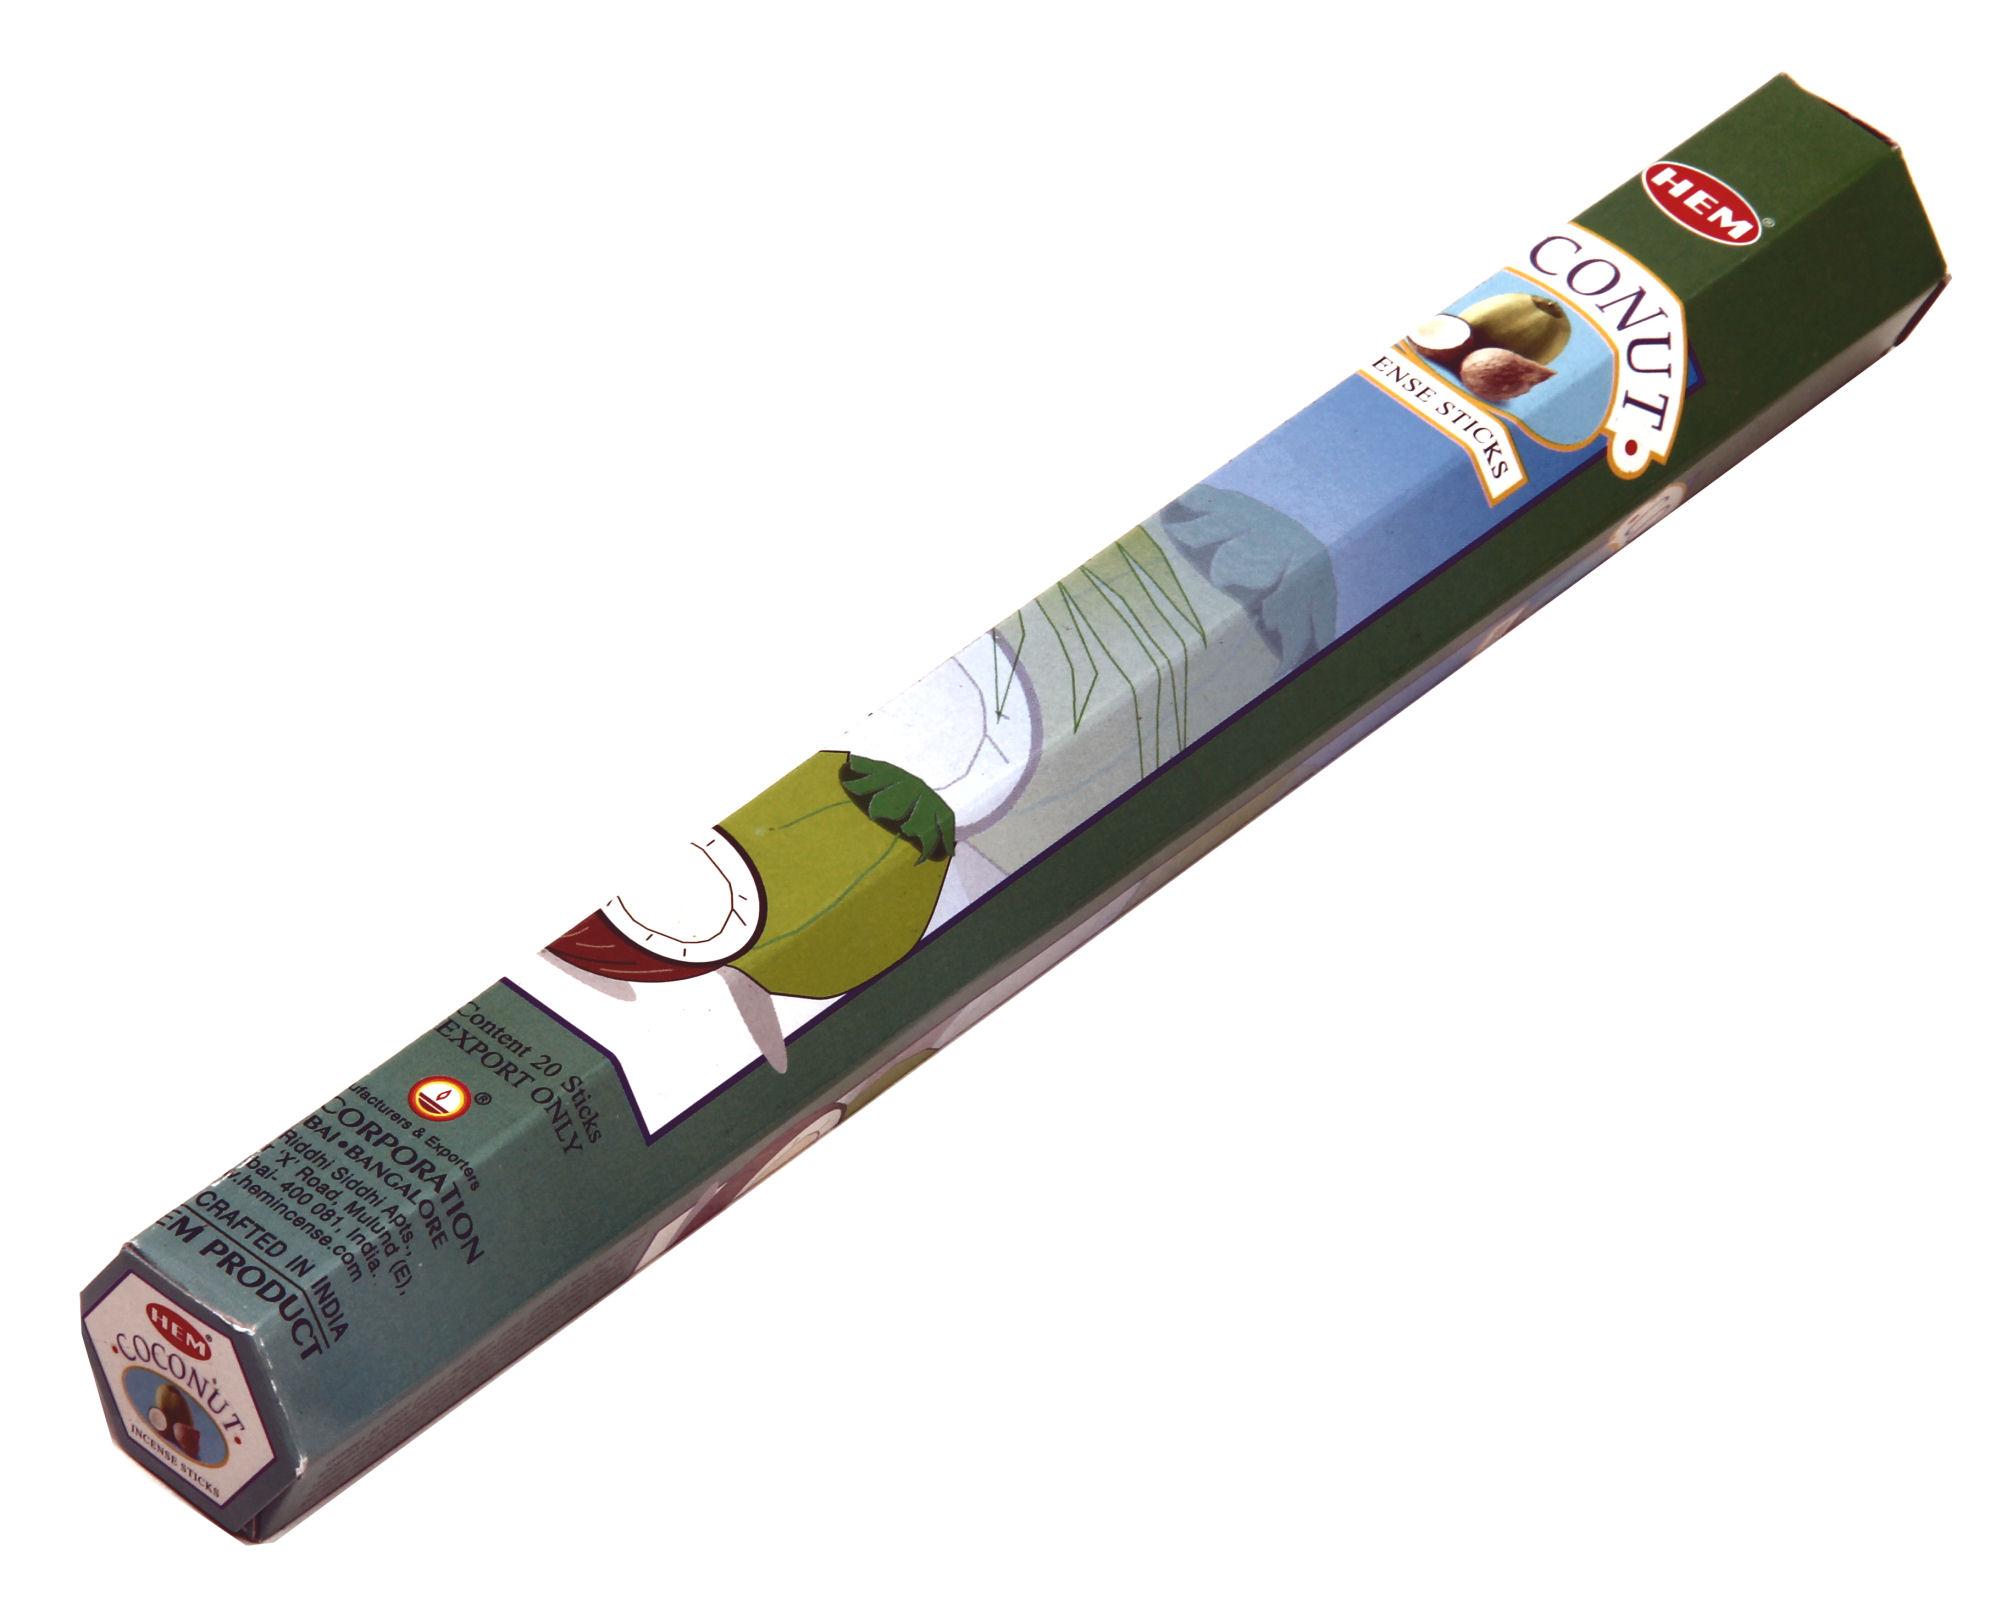 HEM Räucherstäbchen Coconut 20g Hexa Packung  Ca. 20 Incence Sticks